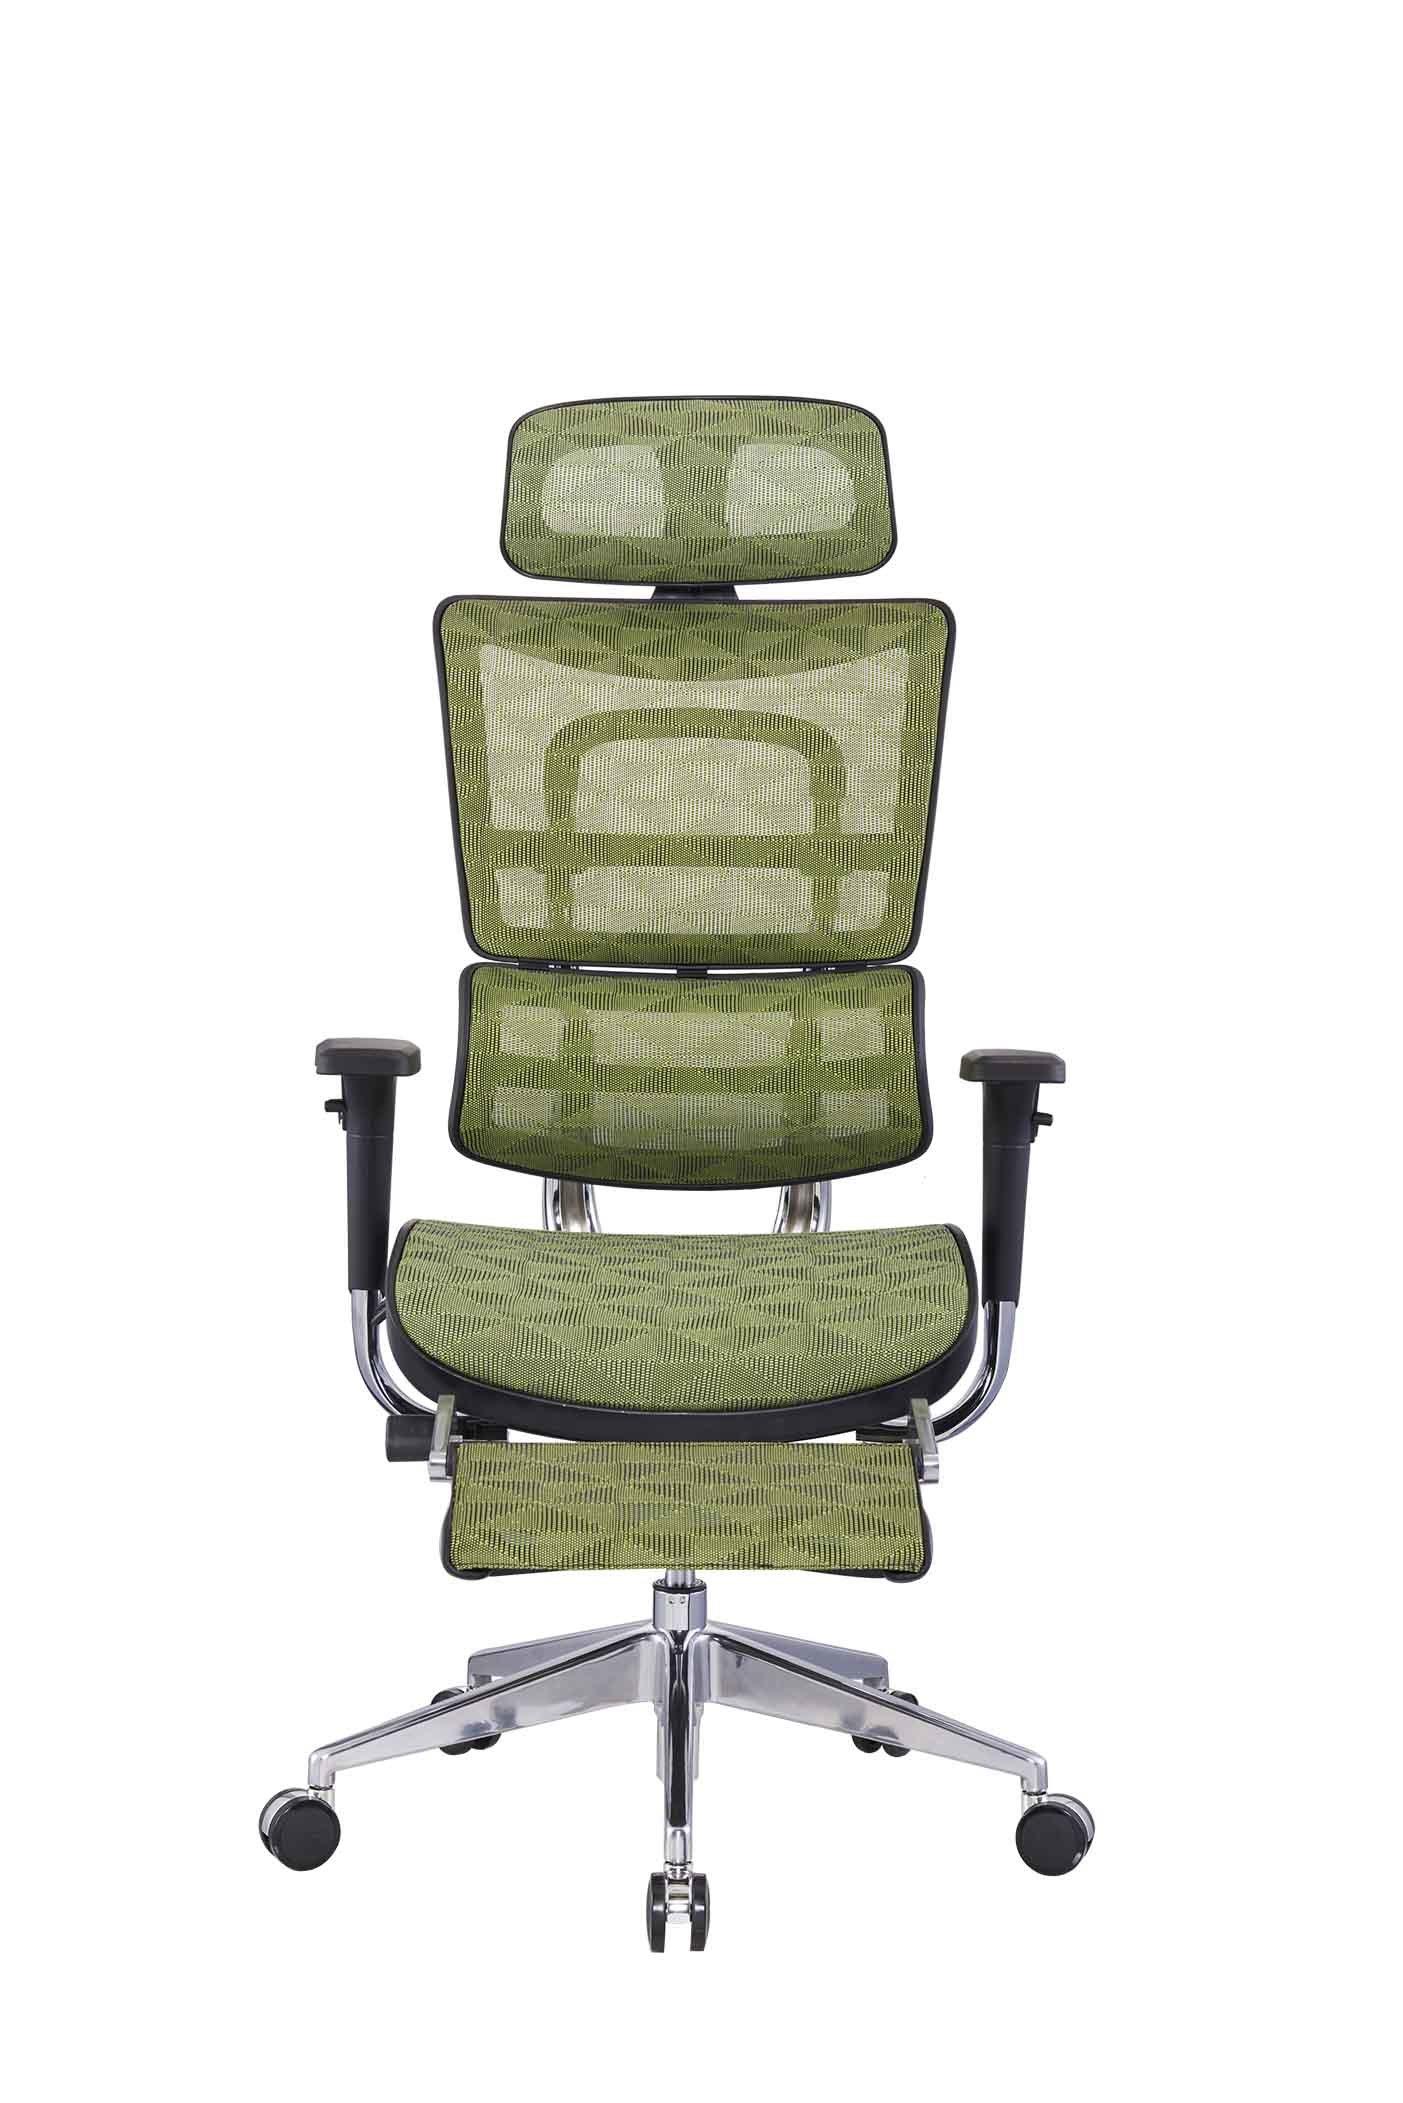 China Net Back Office Chair High End Ergohuman Chair - China Ergohuman Eruotech Chair  sc 1 st  Foshan Shunde Jianuoshi Furniture Co. Ltd. & China Net Back Office Chair High End Ergohuman Chair - China ...